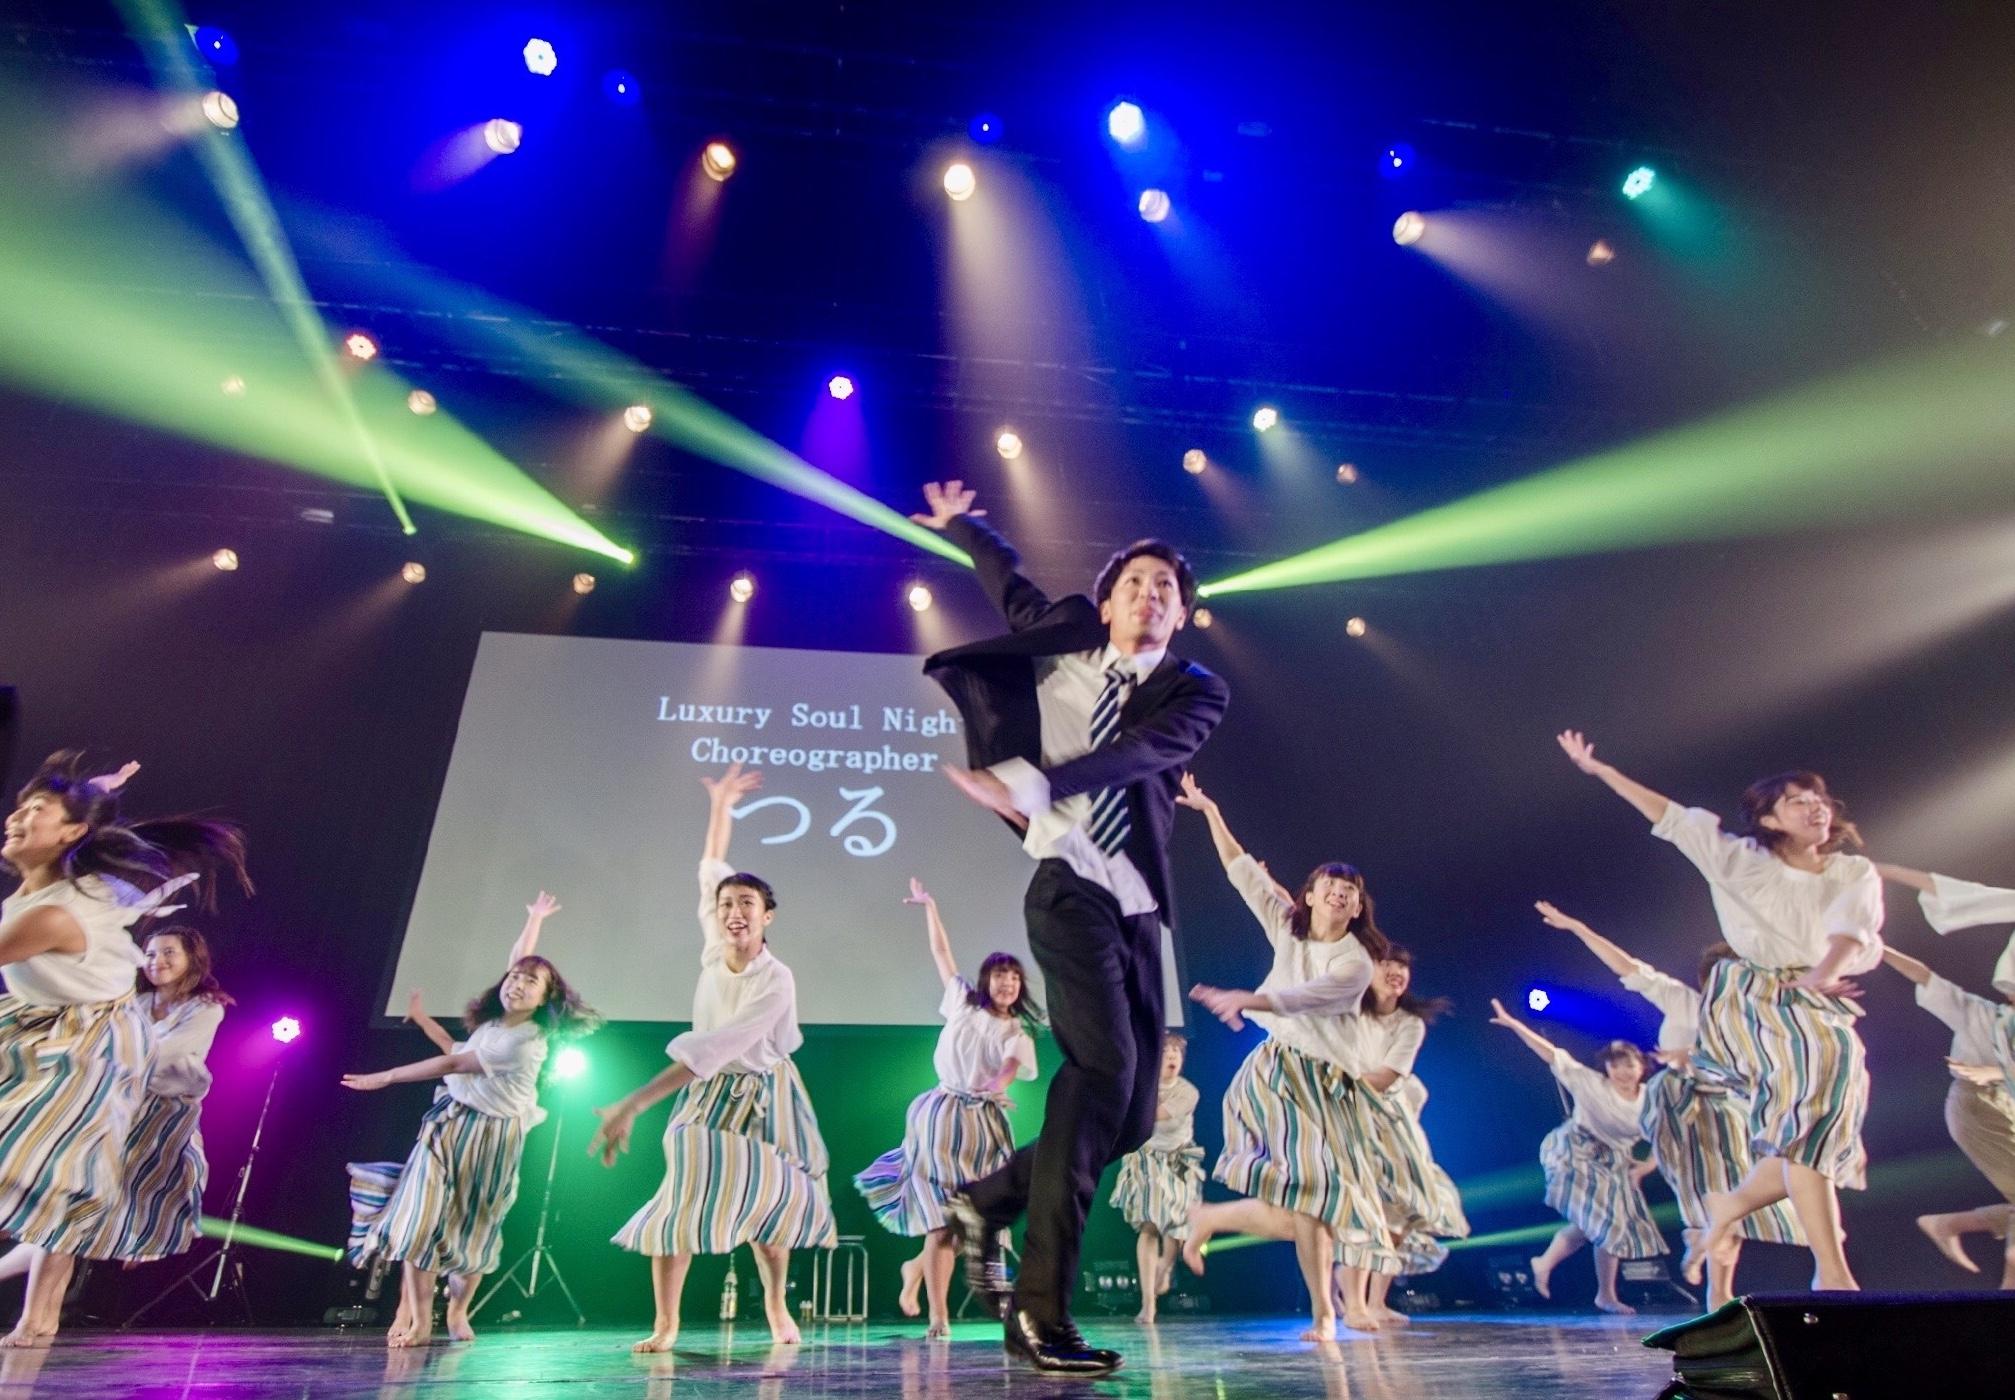 出演者は1,400人超!花よりダンス、花見より「Luxury Soul Night Premium」日本最大級のダンスの祭典 全85組で開催 日本の振付師と人気のダンサーを一度に体感できる当日のタイムテーブルが公開 – 3月31日は豊洲PITへ。出演はKING OF SWAG、Go Go BROTHERS、Hilty & Bosch他。